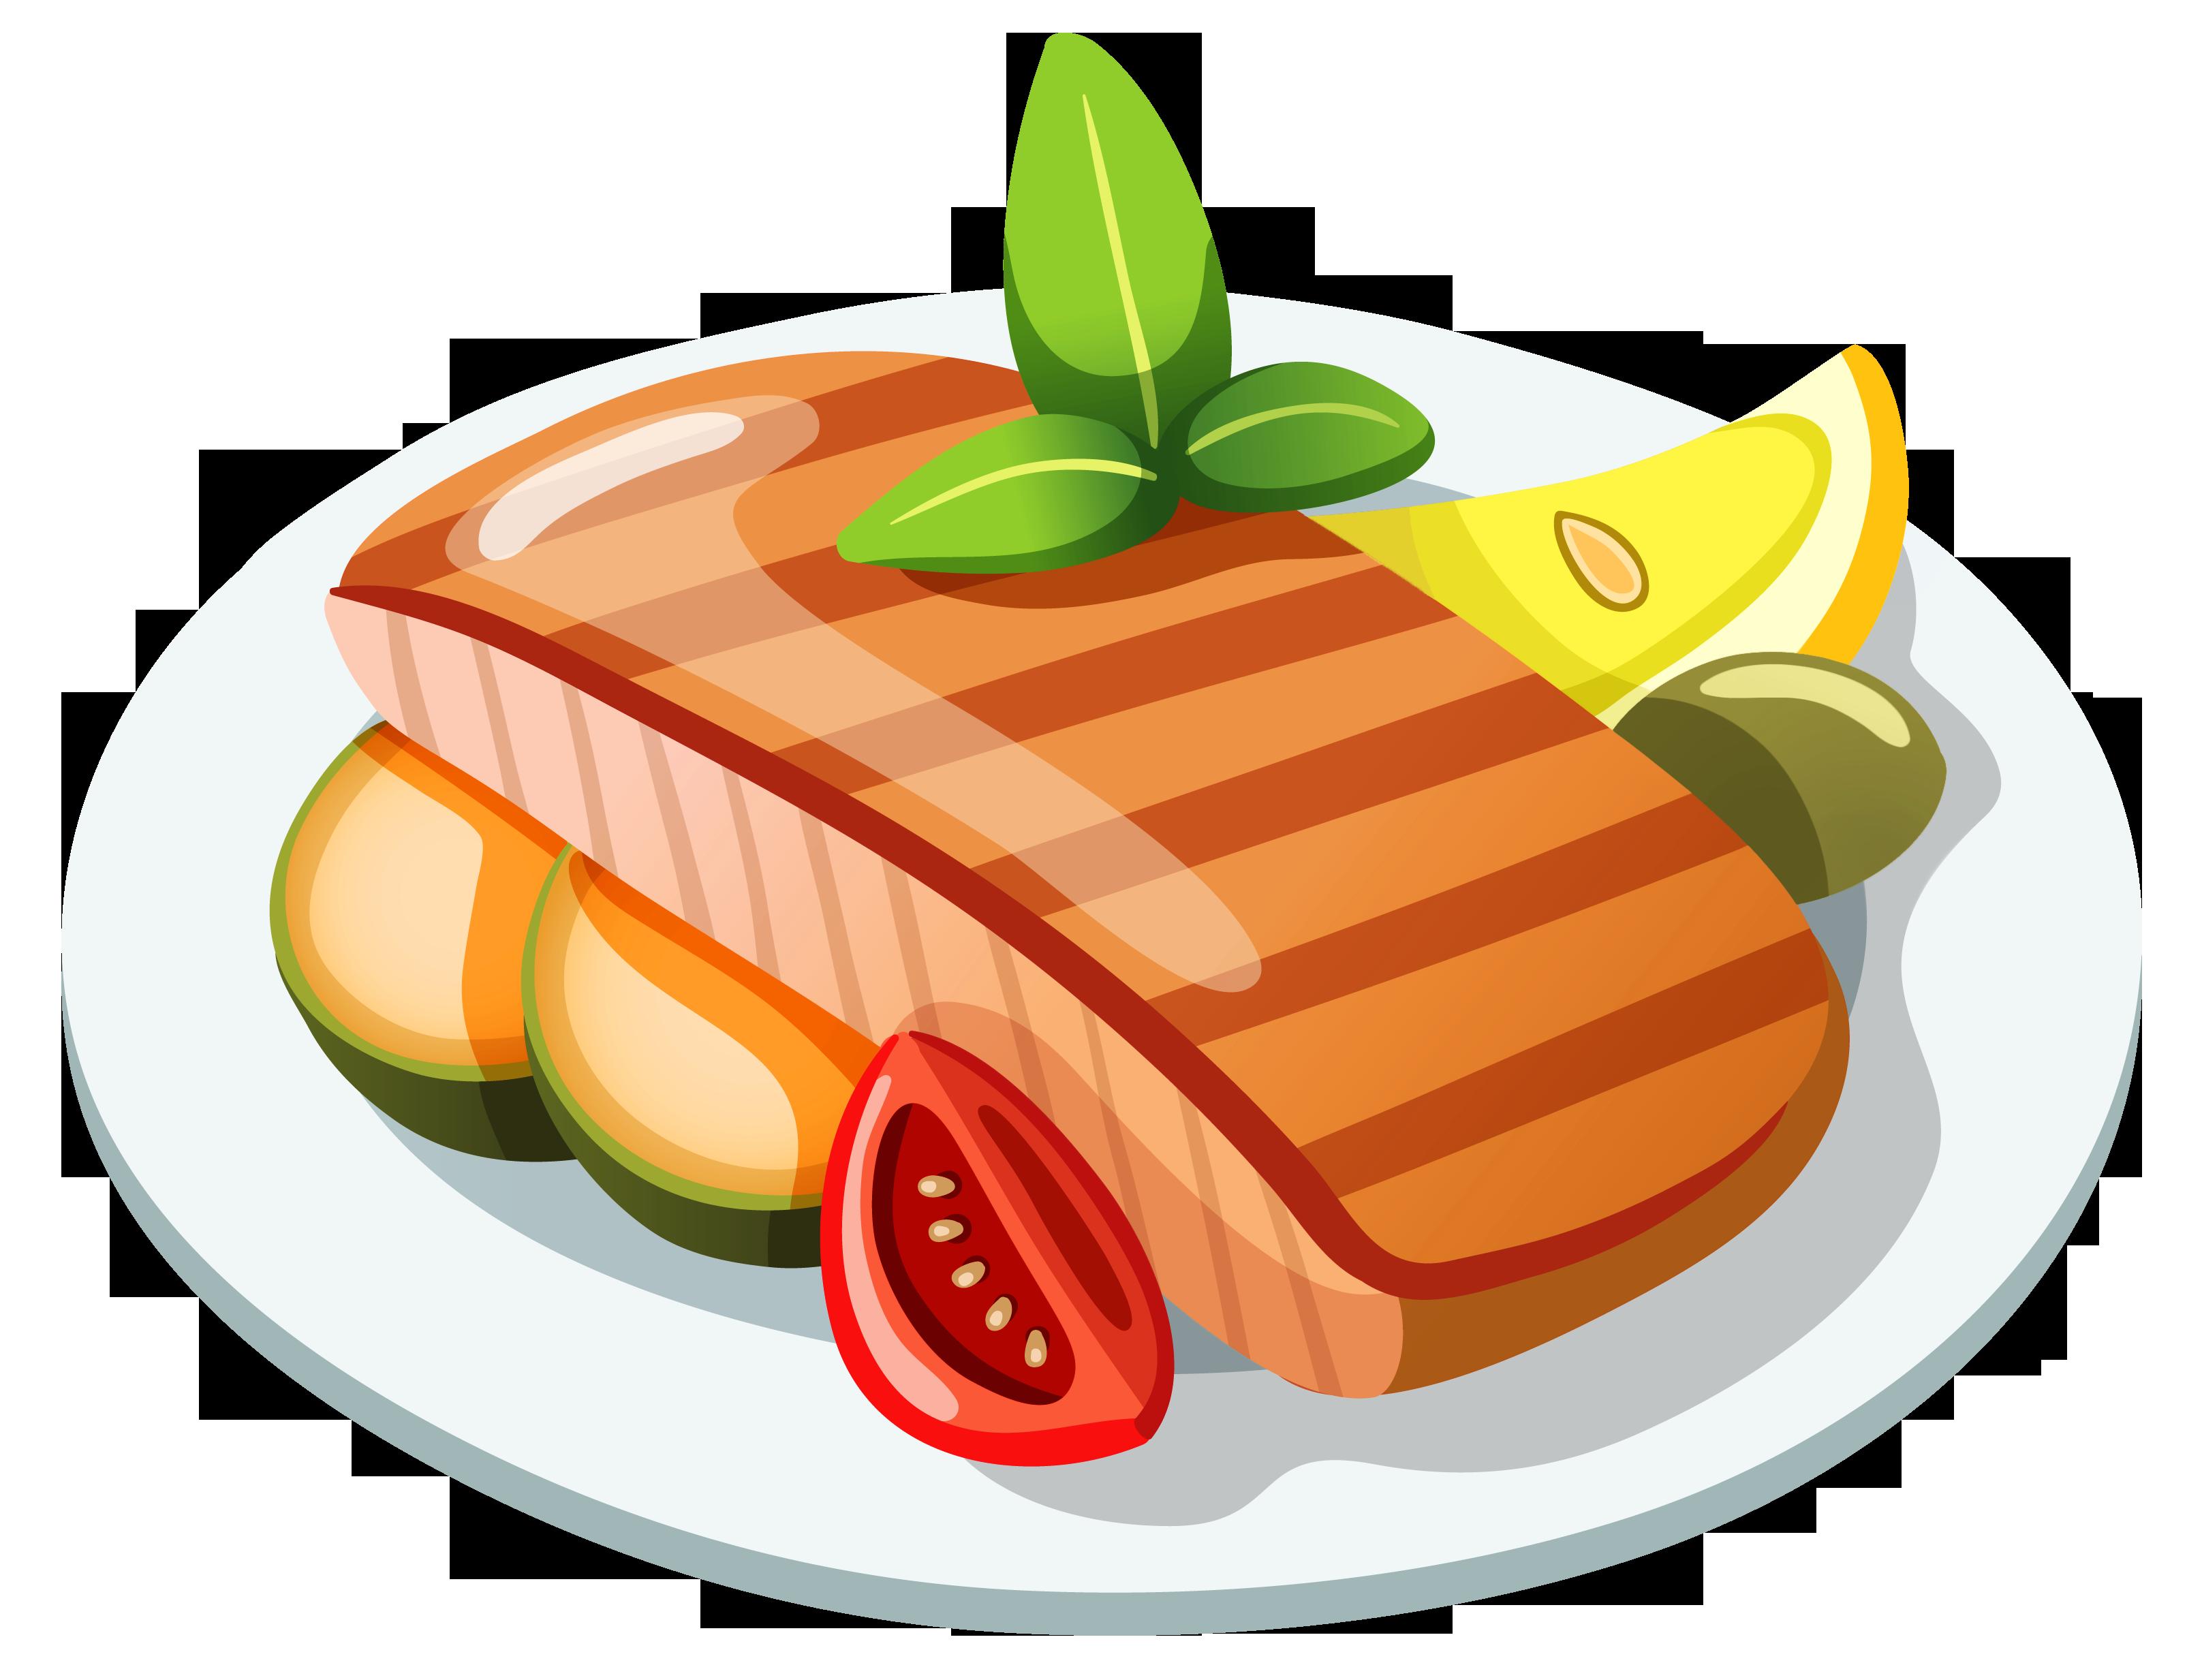 Food clipart transparent png clipart transparent stock Free Steak Clipart Pictures - Clipartix clipart transparent stock